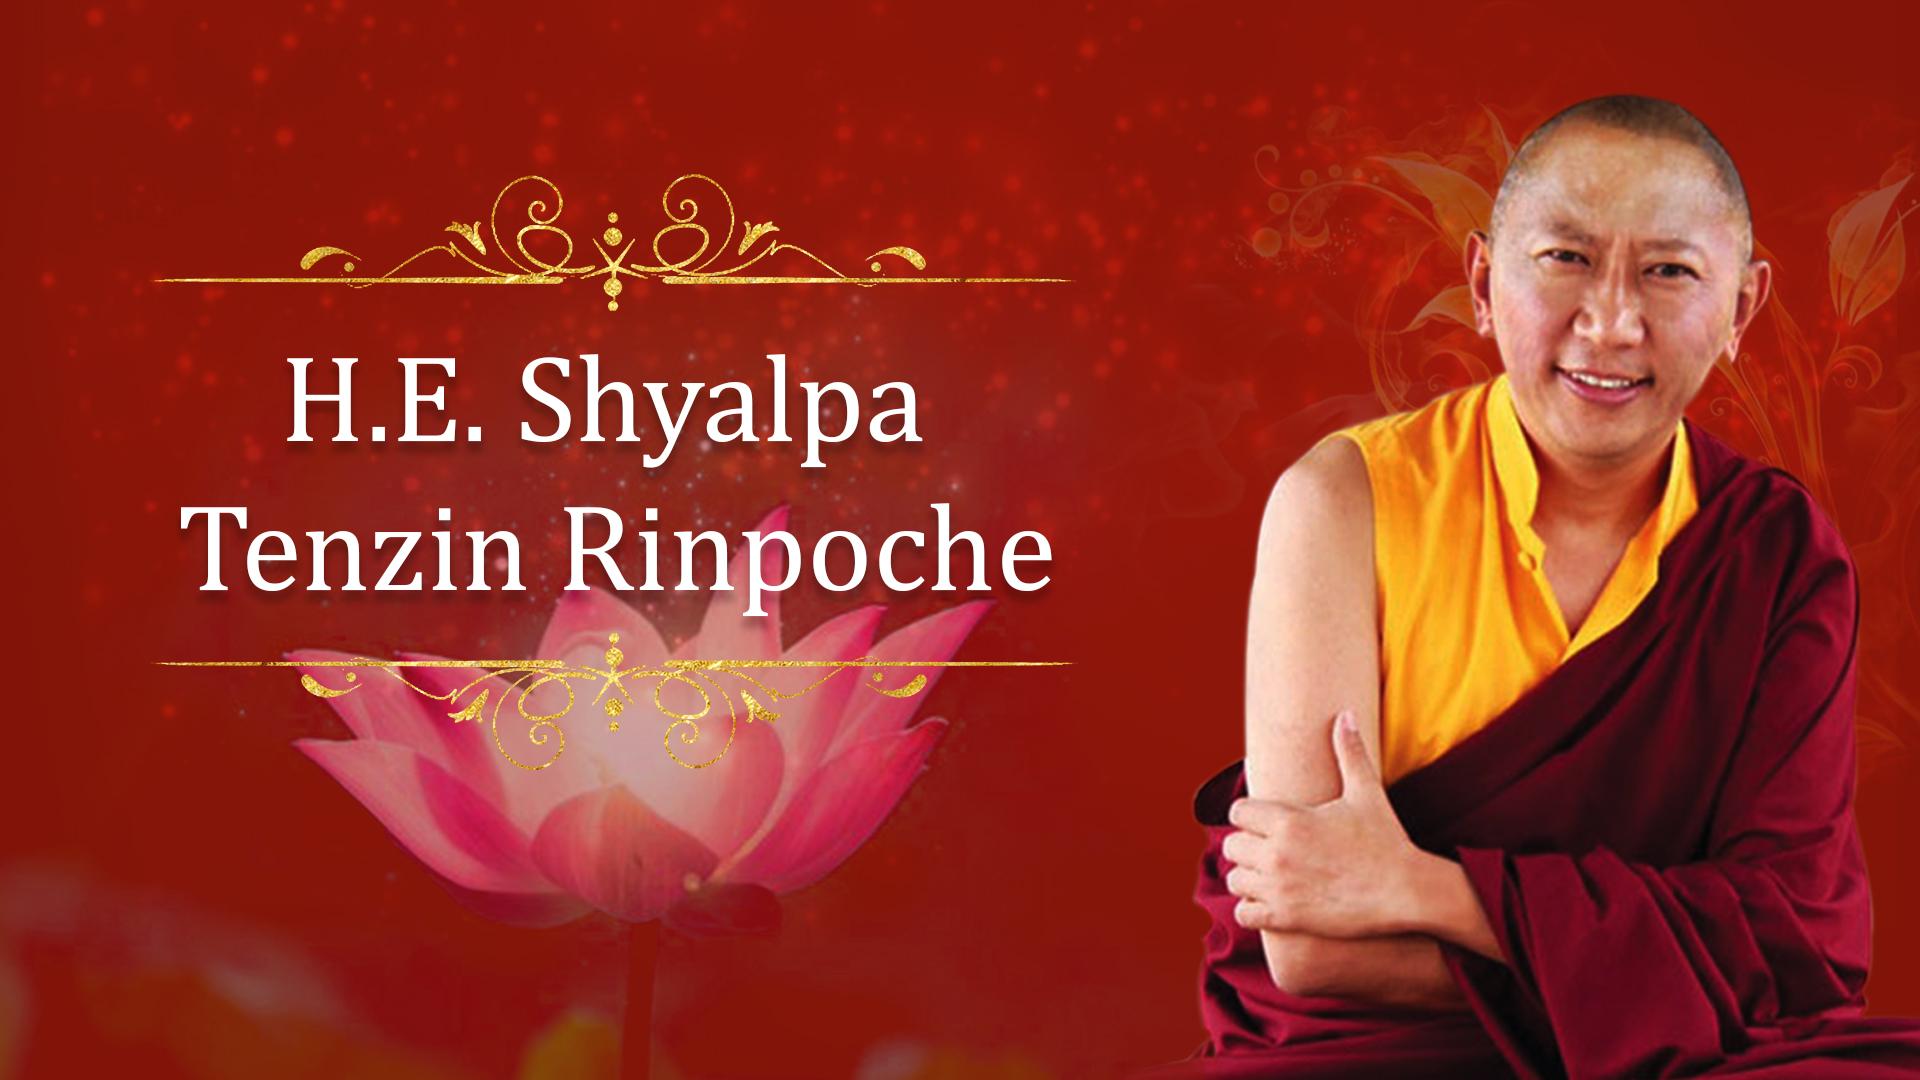 H.E. S.T. Rinpoche